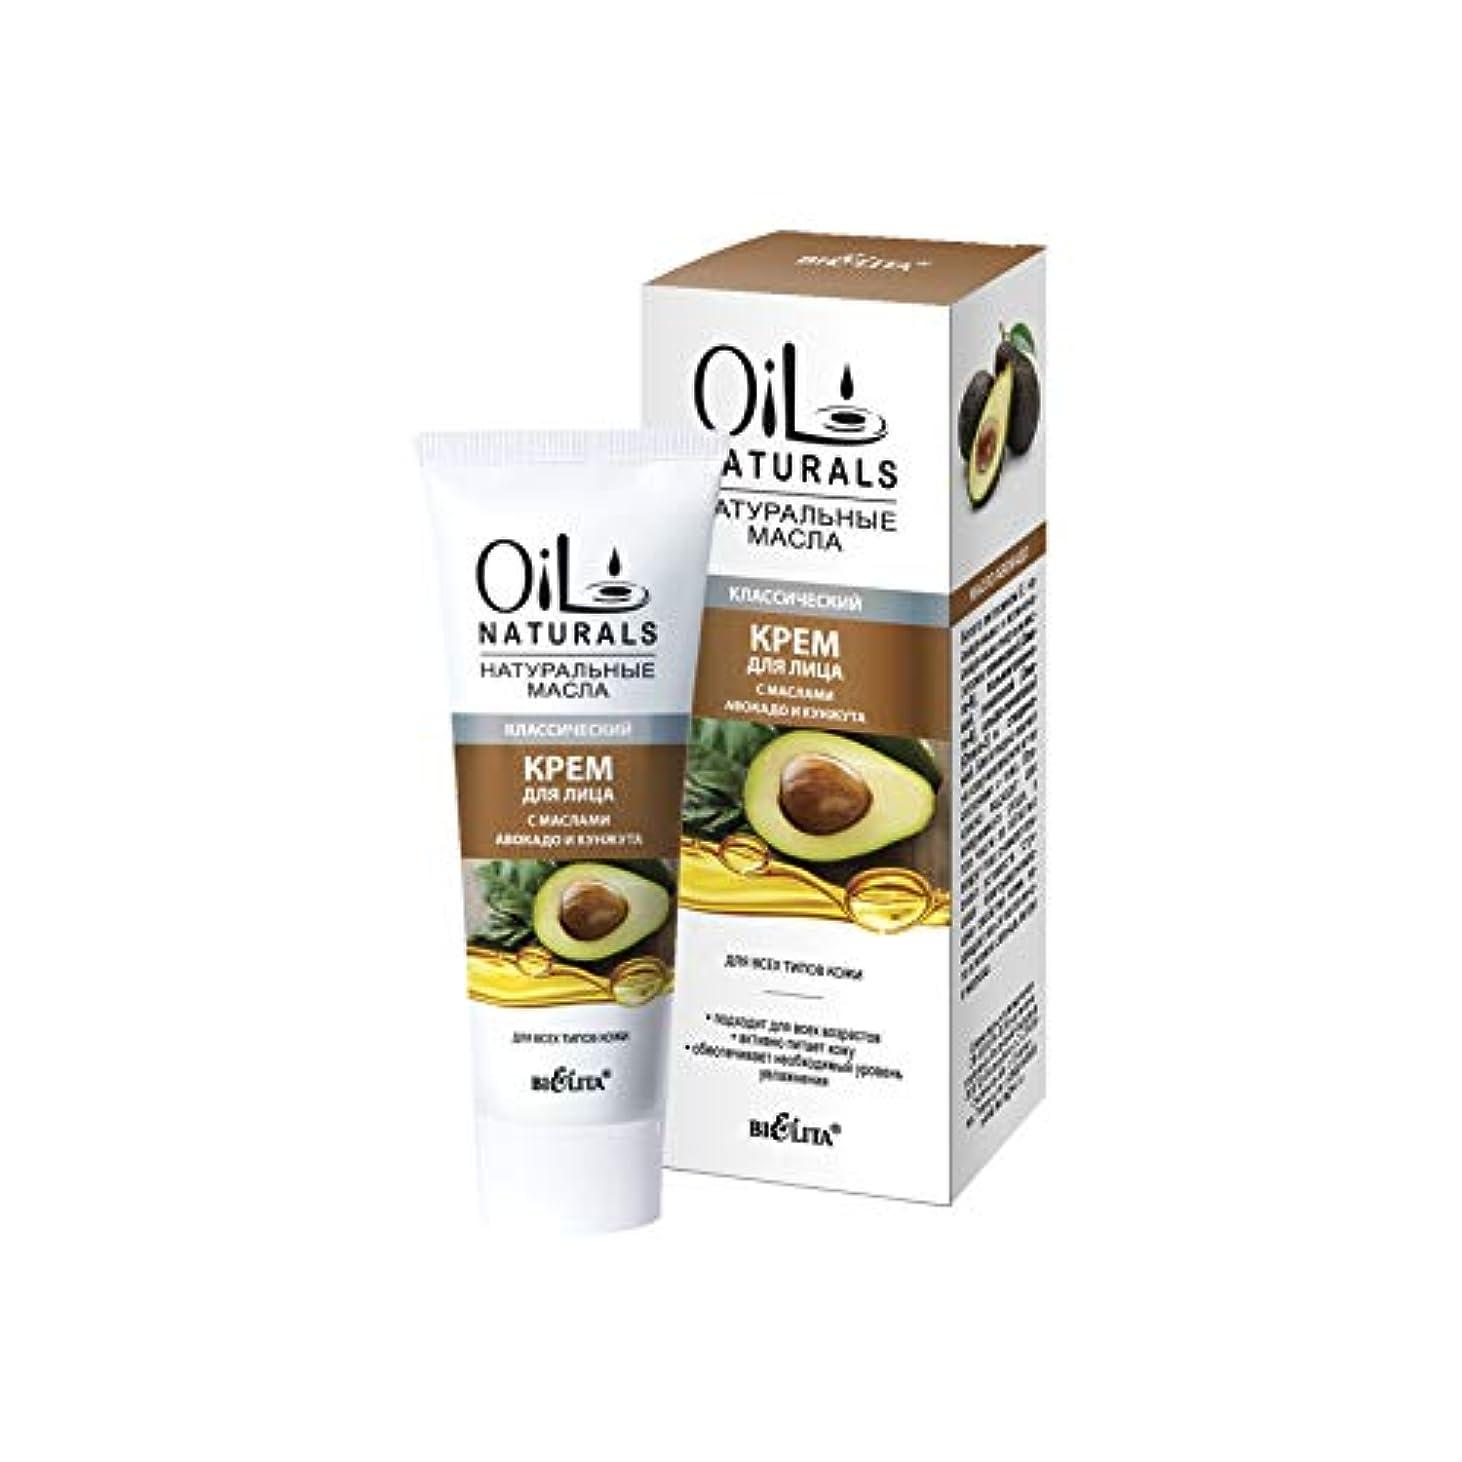 保有者グレートバリアリーフ不愉快にBielita & Vitex |Oil Naturals Line | Classic Moisturizing Face Cream, for All Skin Types, 50 ml | Avocado Oil,...